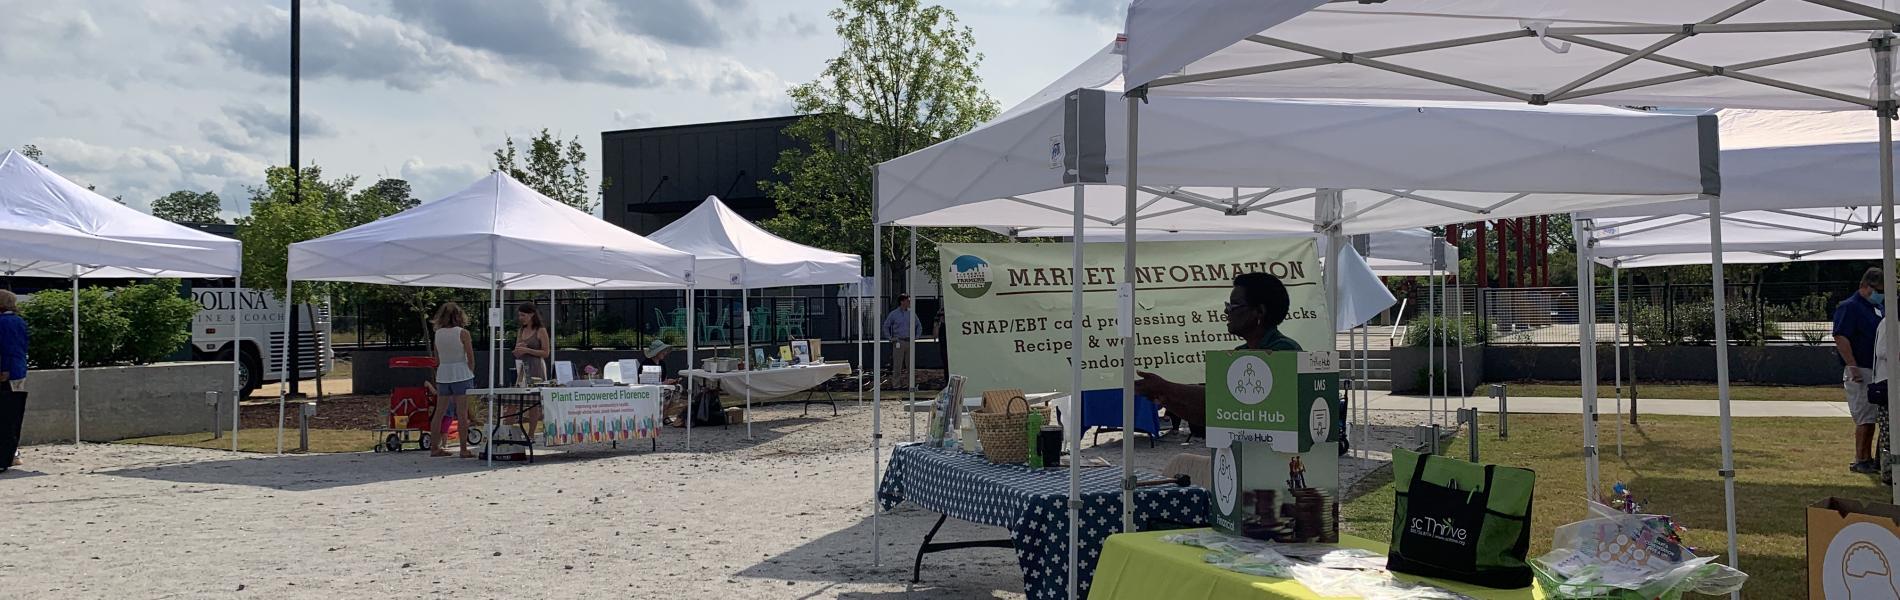 Tuesday Market